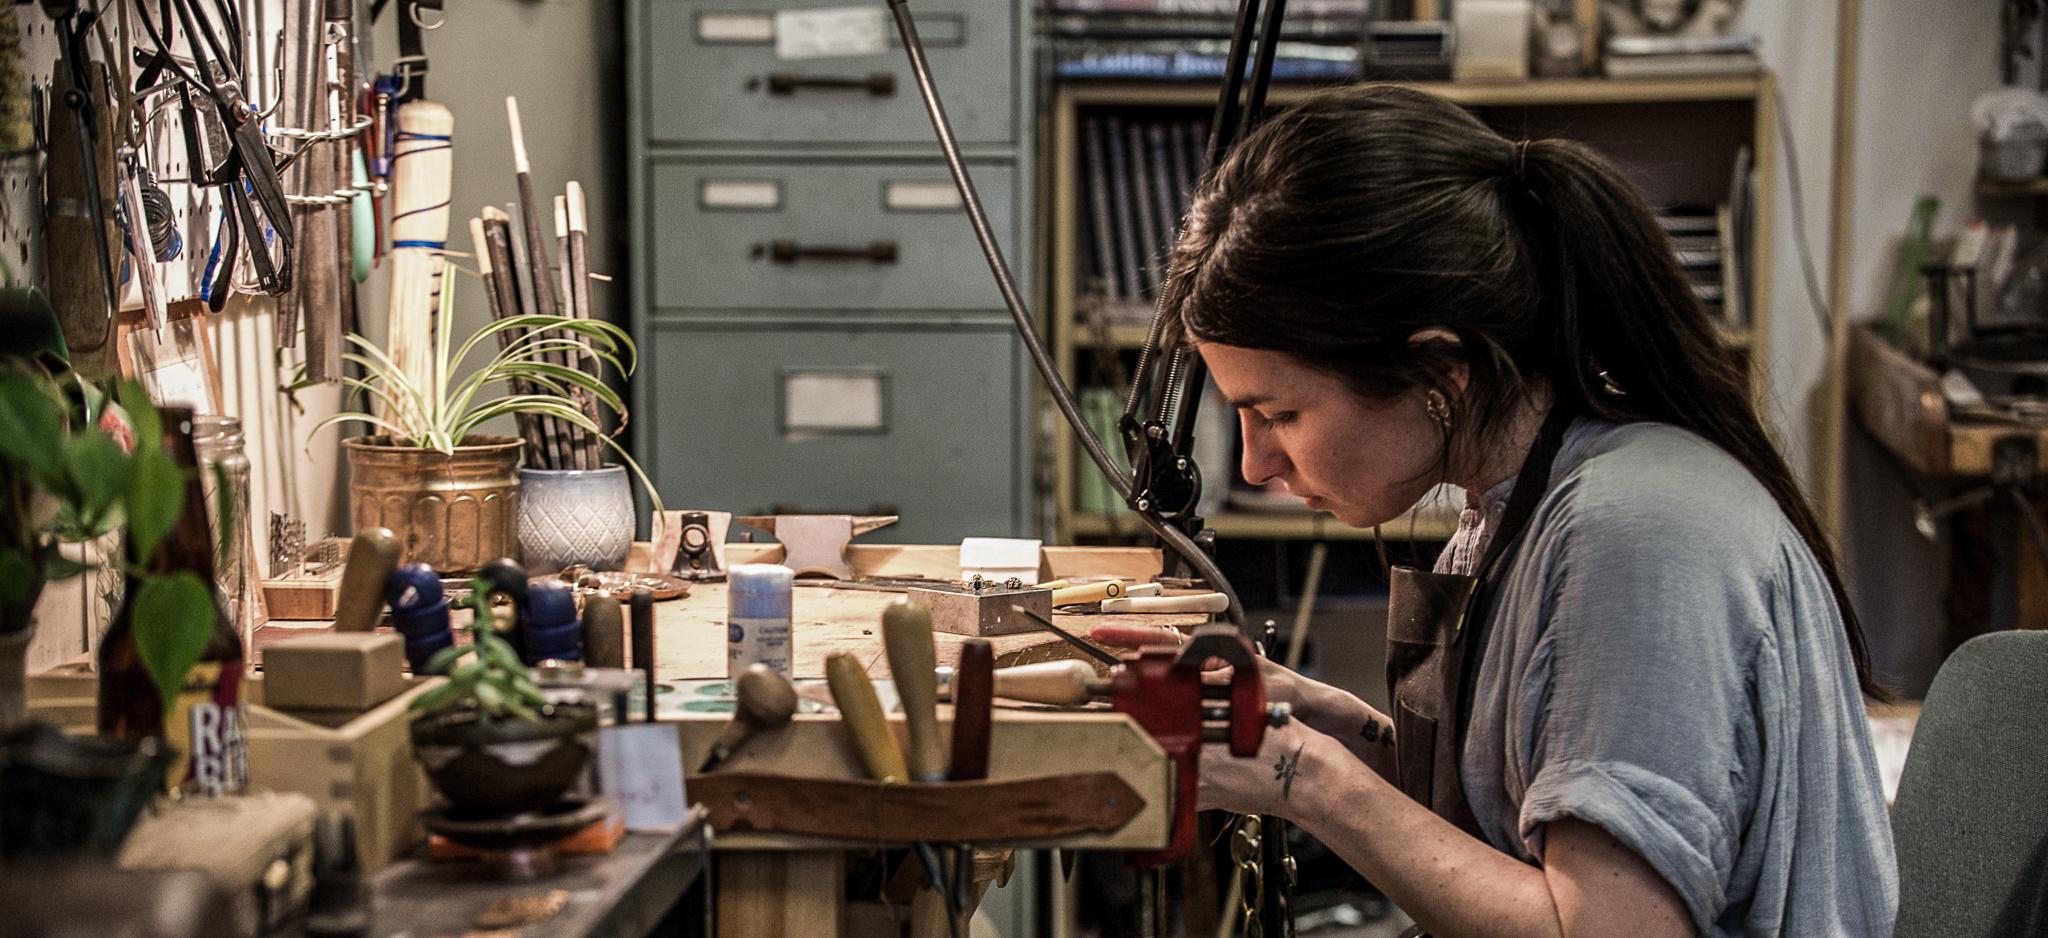 Sarah Sears Jewelry Designer Sigma ARTisans